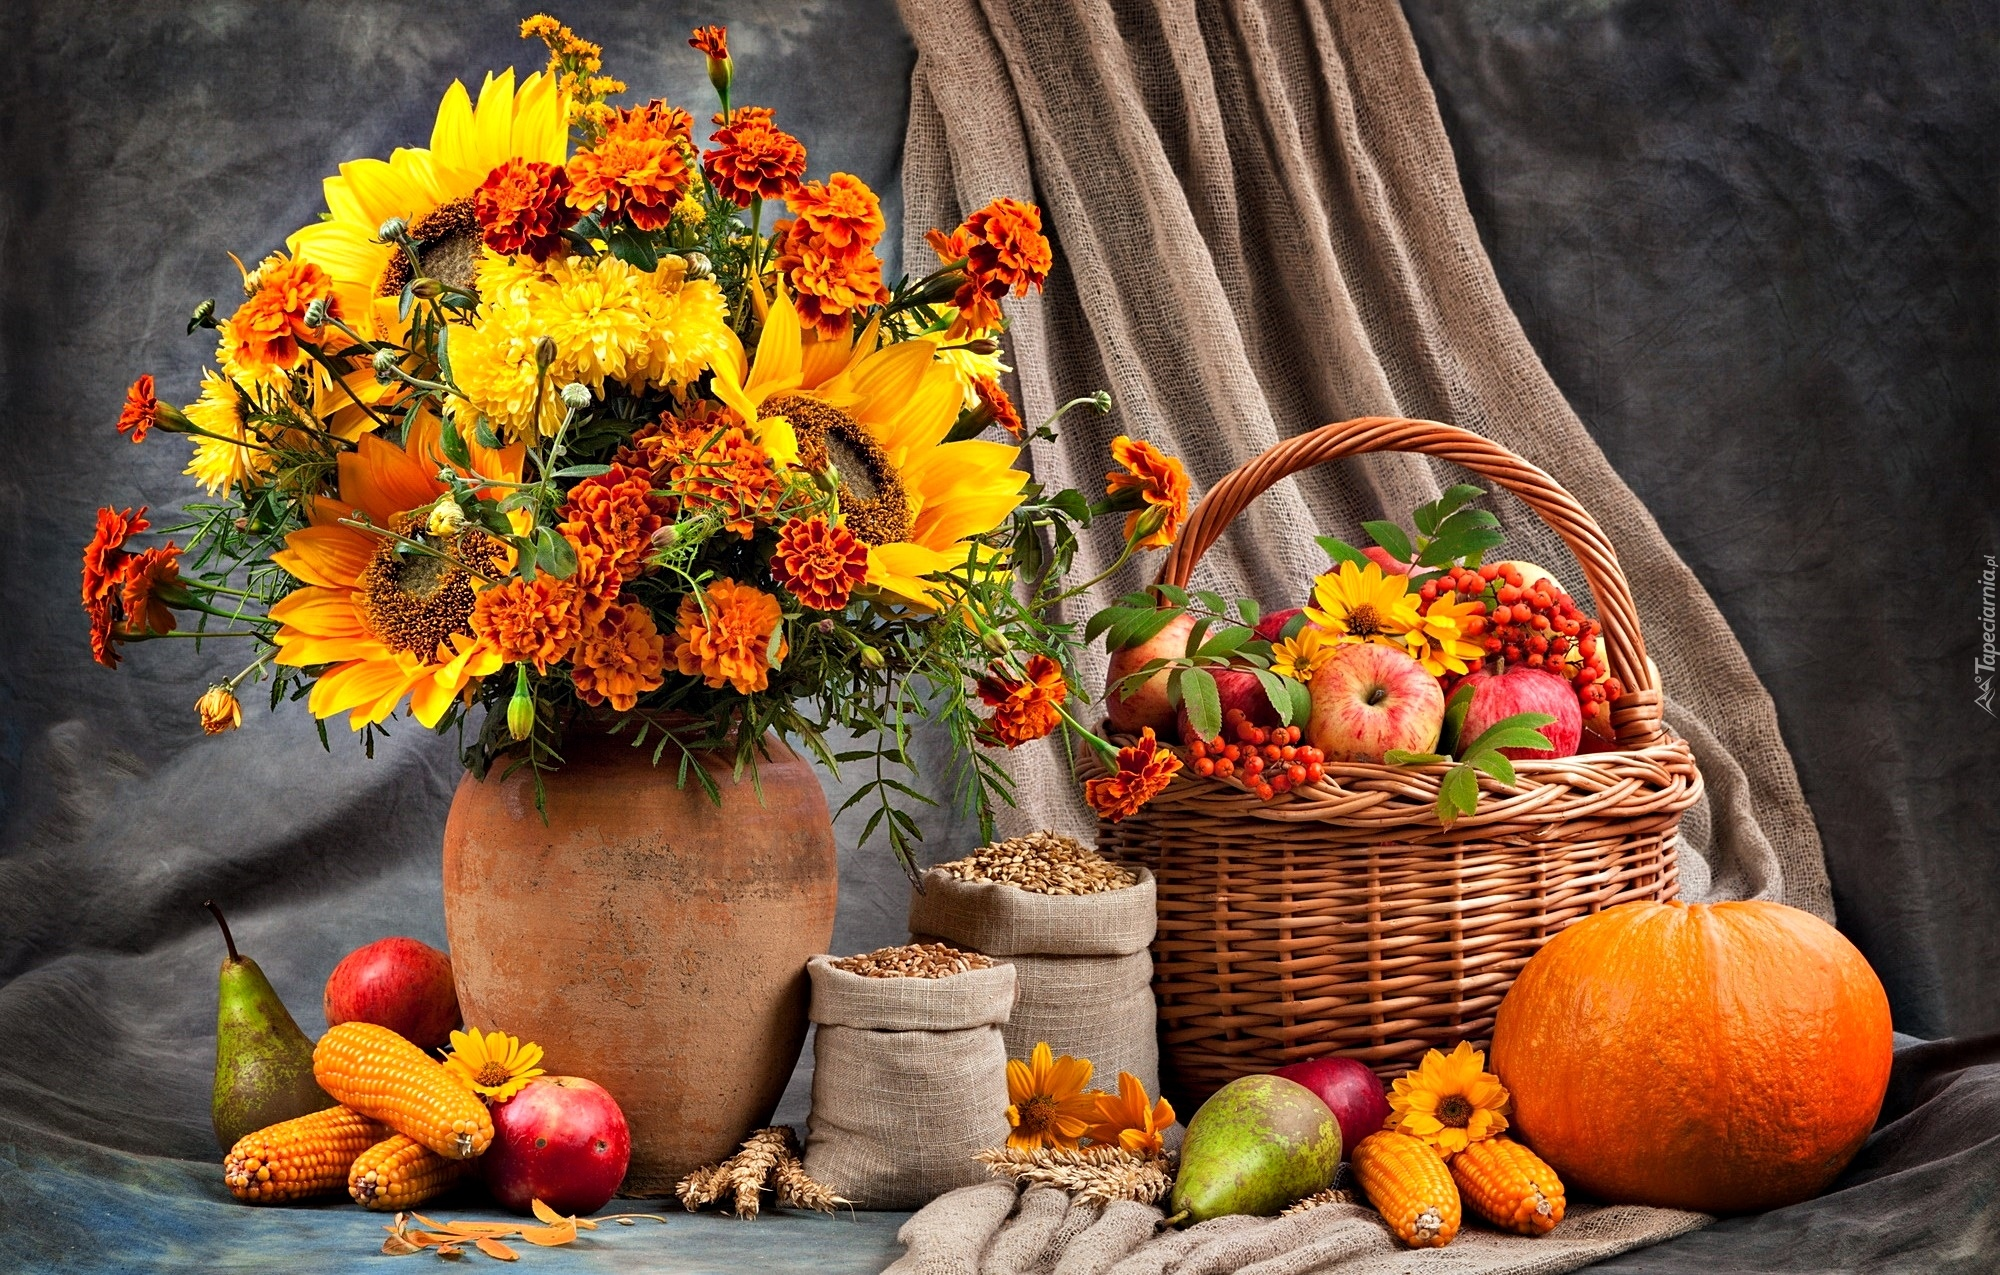 Bukiet jesiennych kwiatów obok koszyka z jabłkami i warzyw